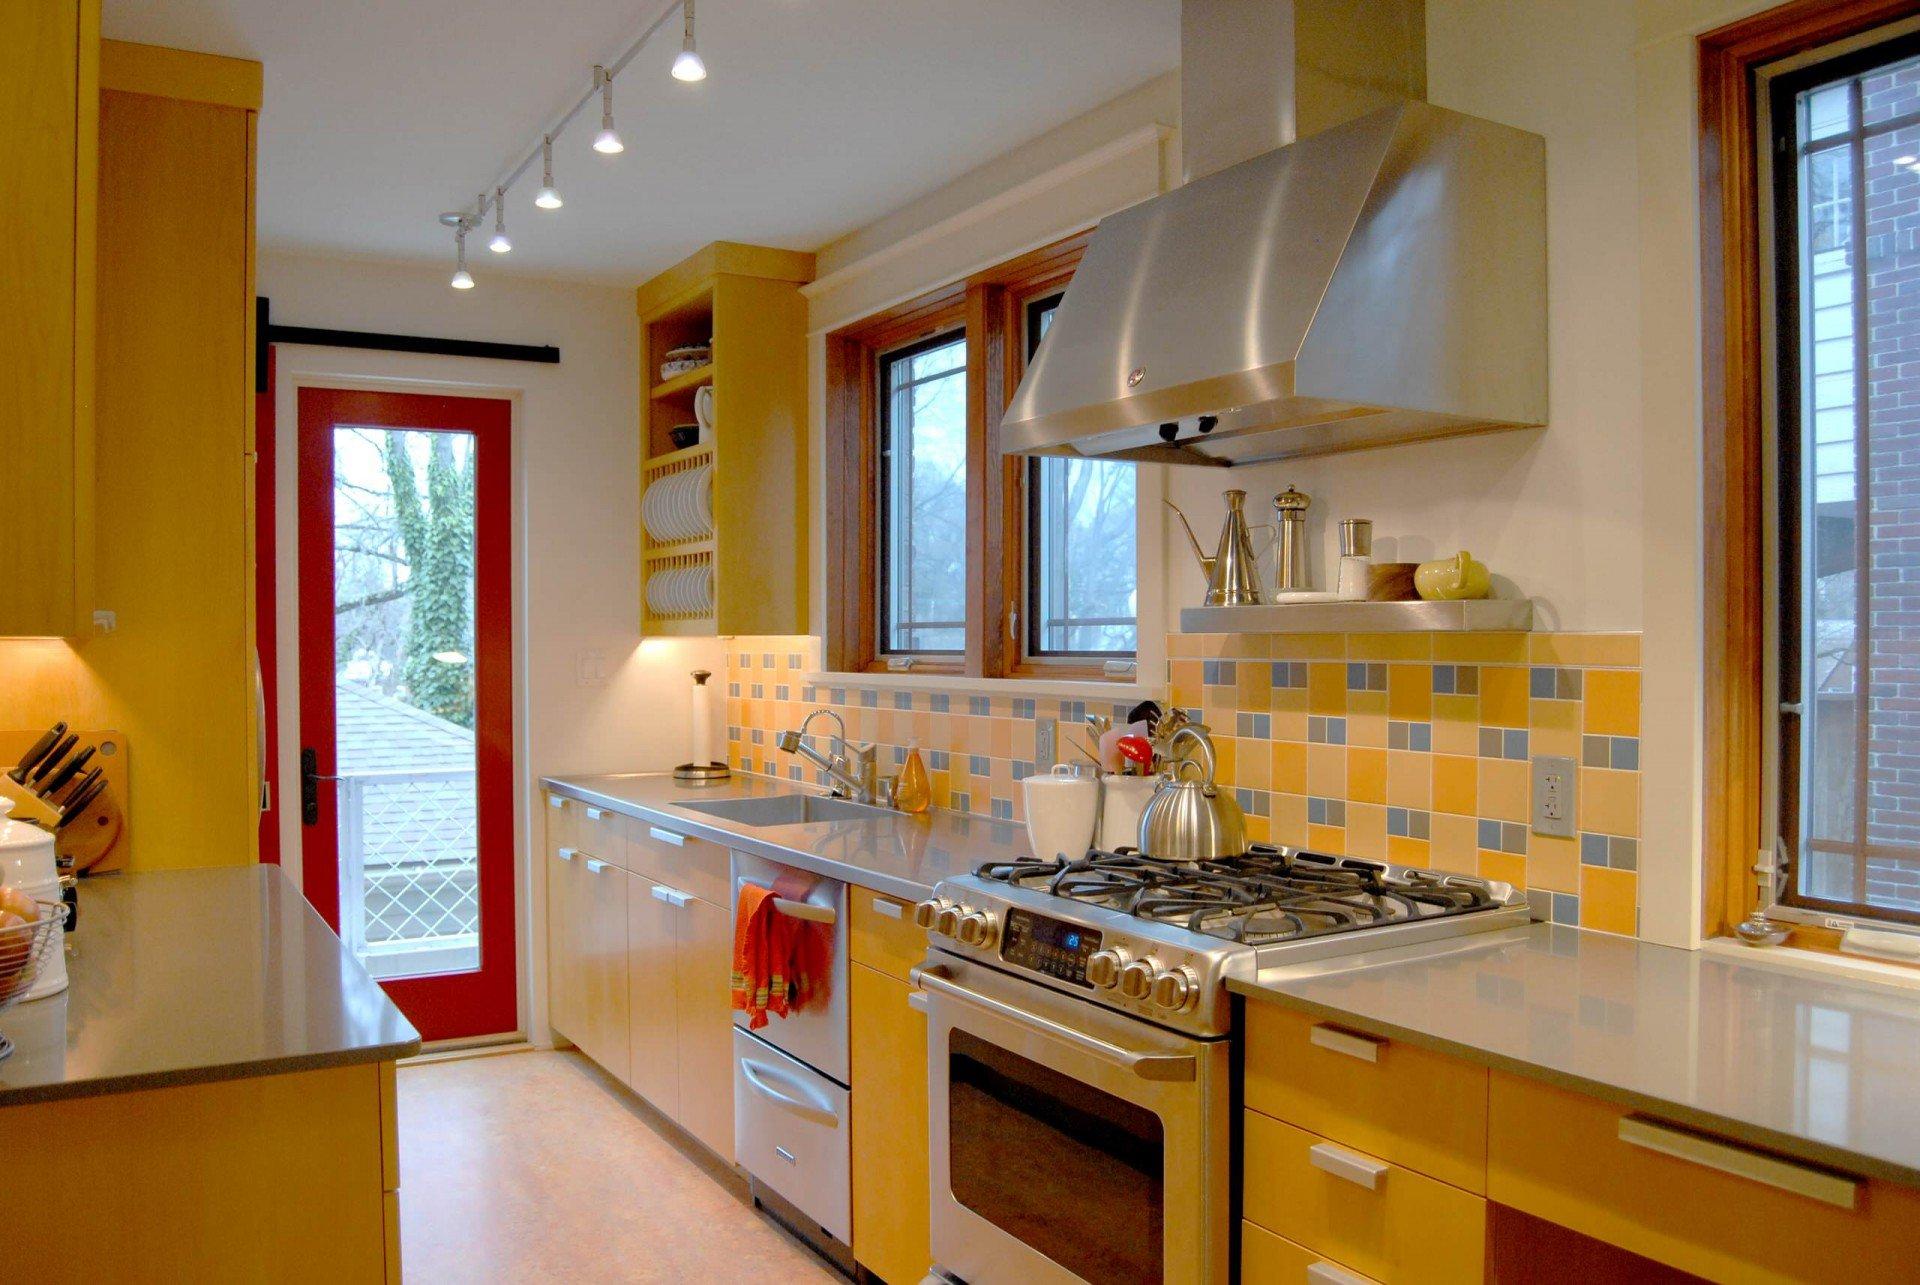 самом деле кухни фото цветовые решения стен анализ паблика вконтакте